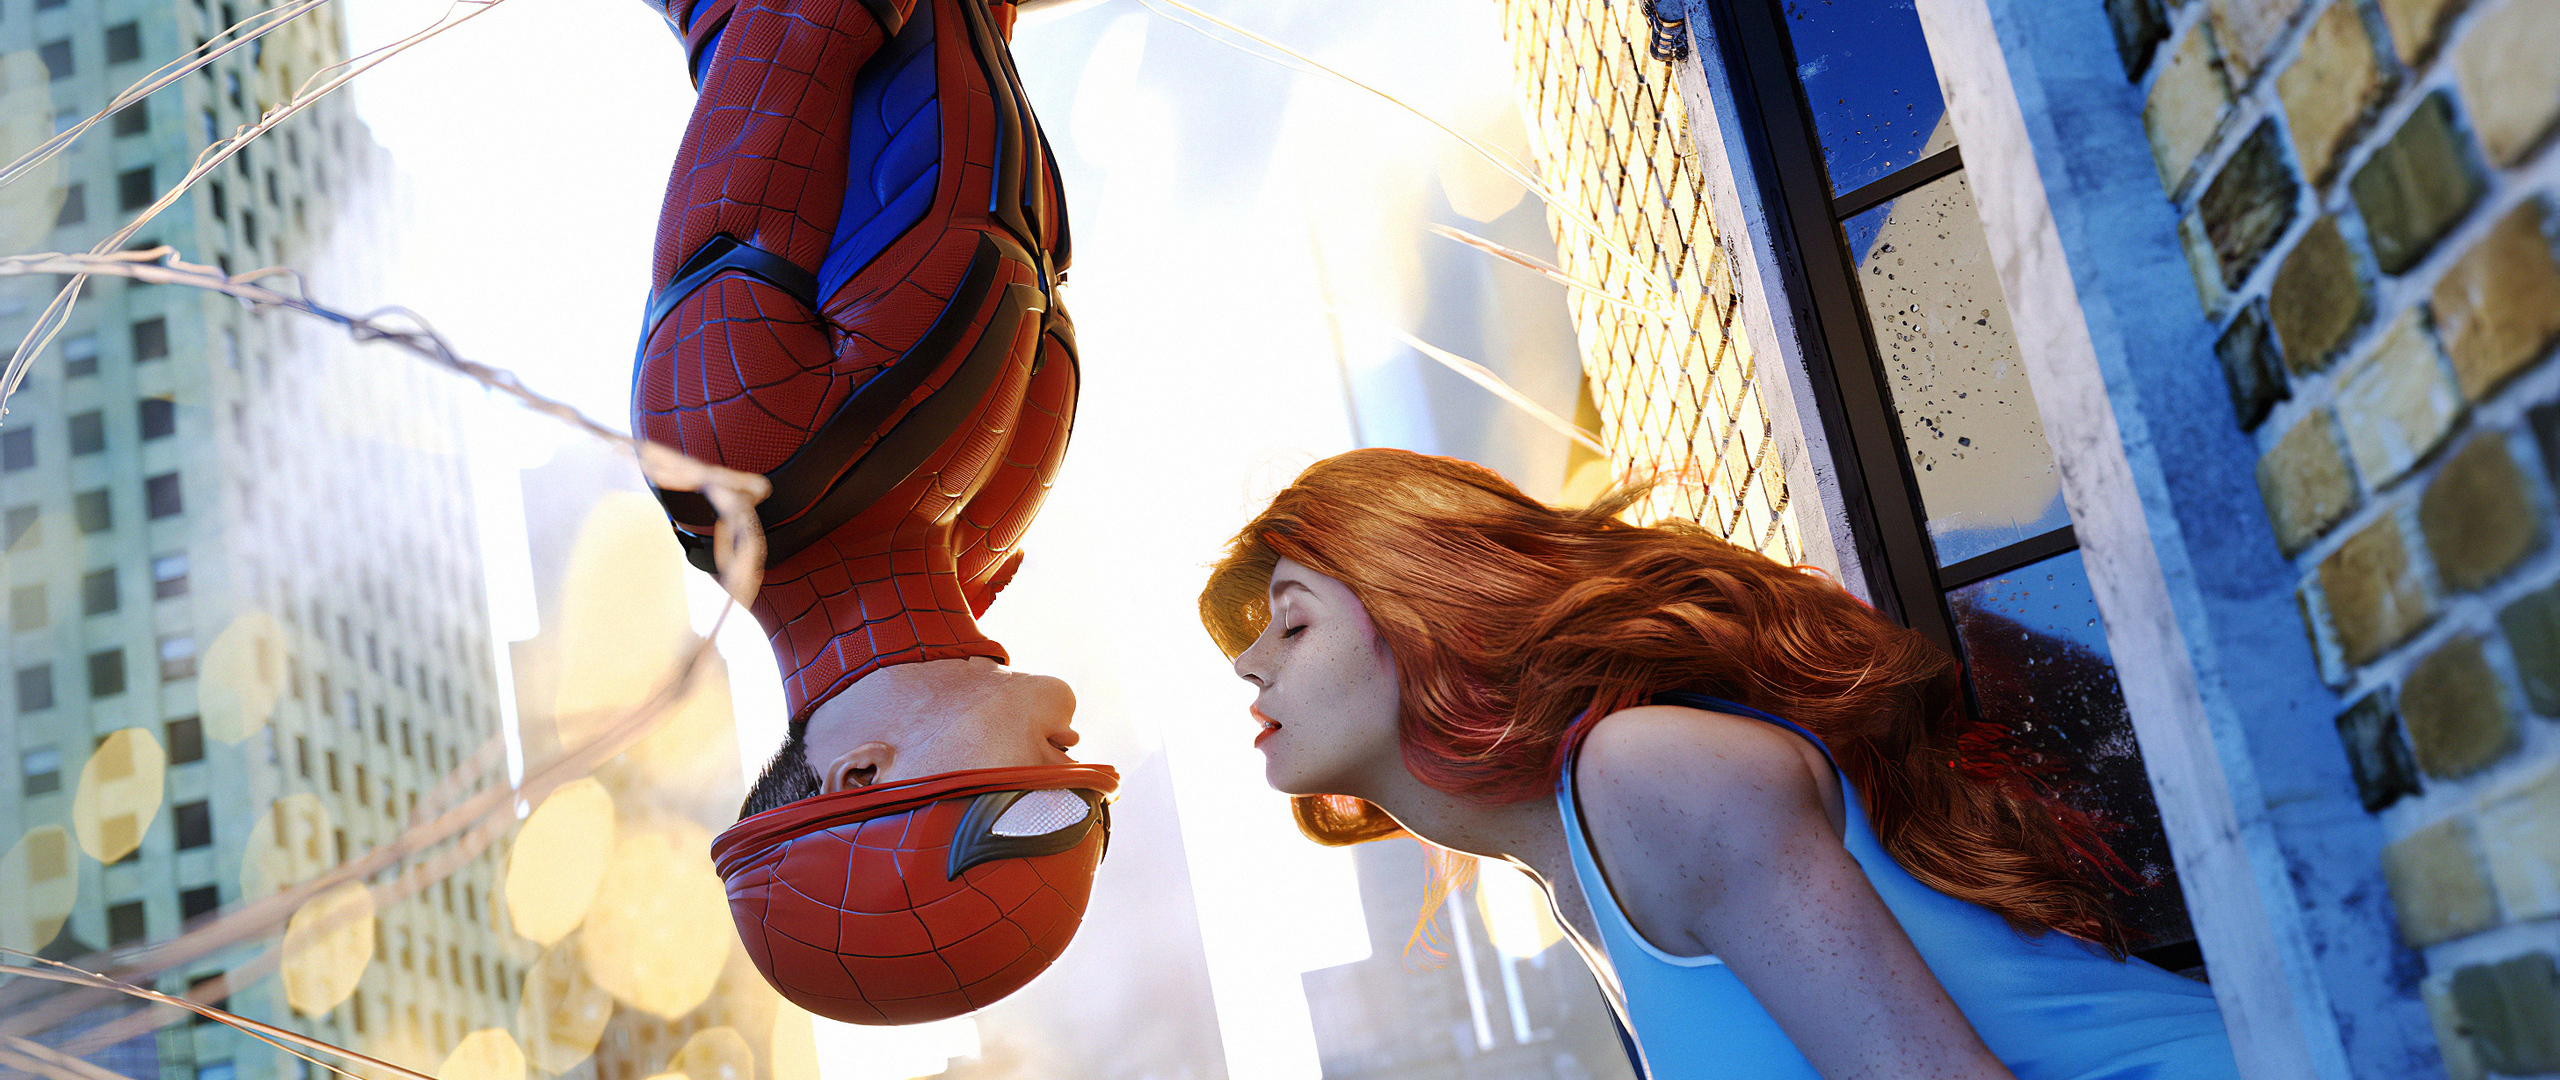 spider-man-and-gwen-z5.jpg